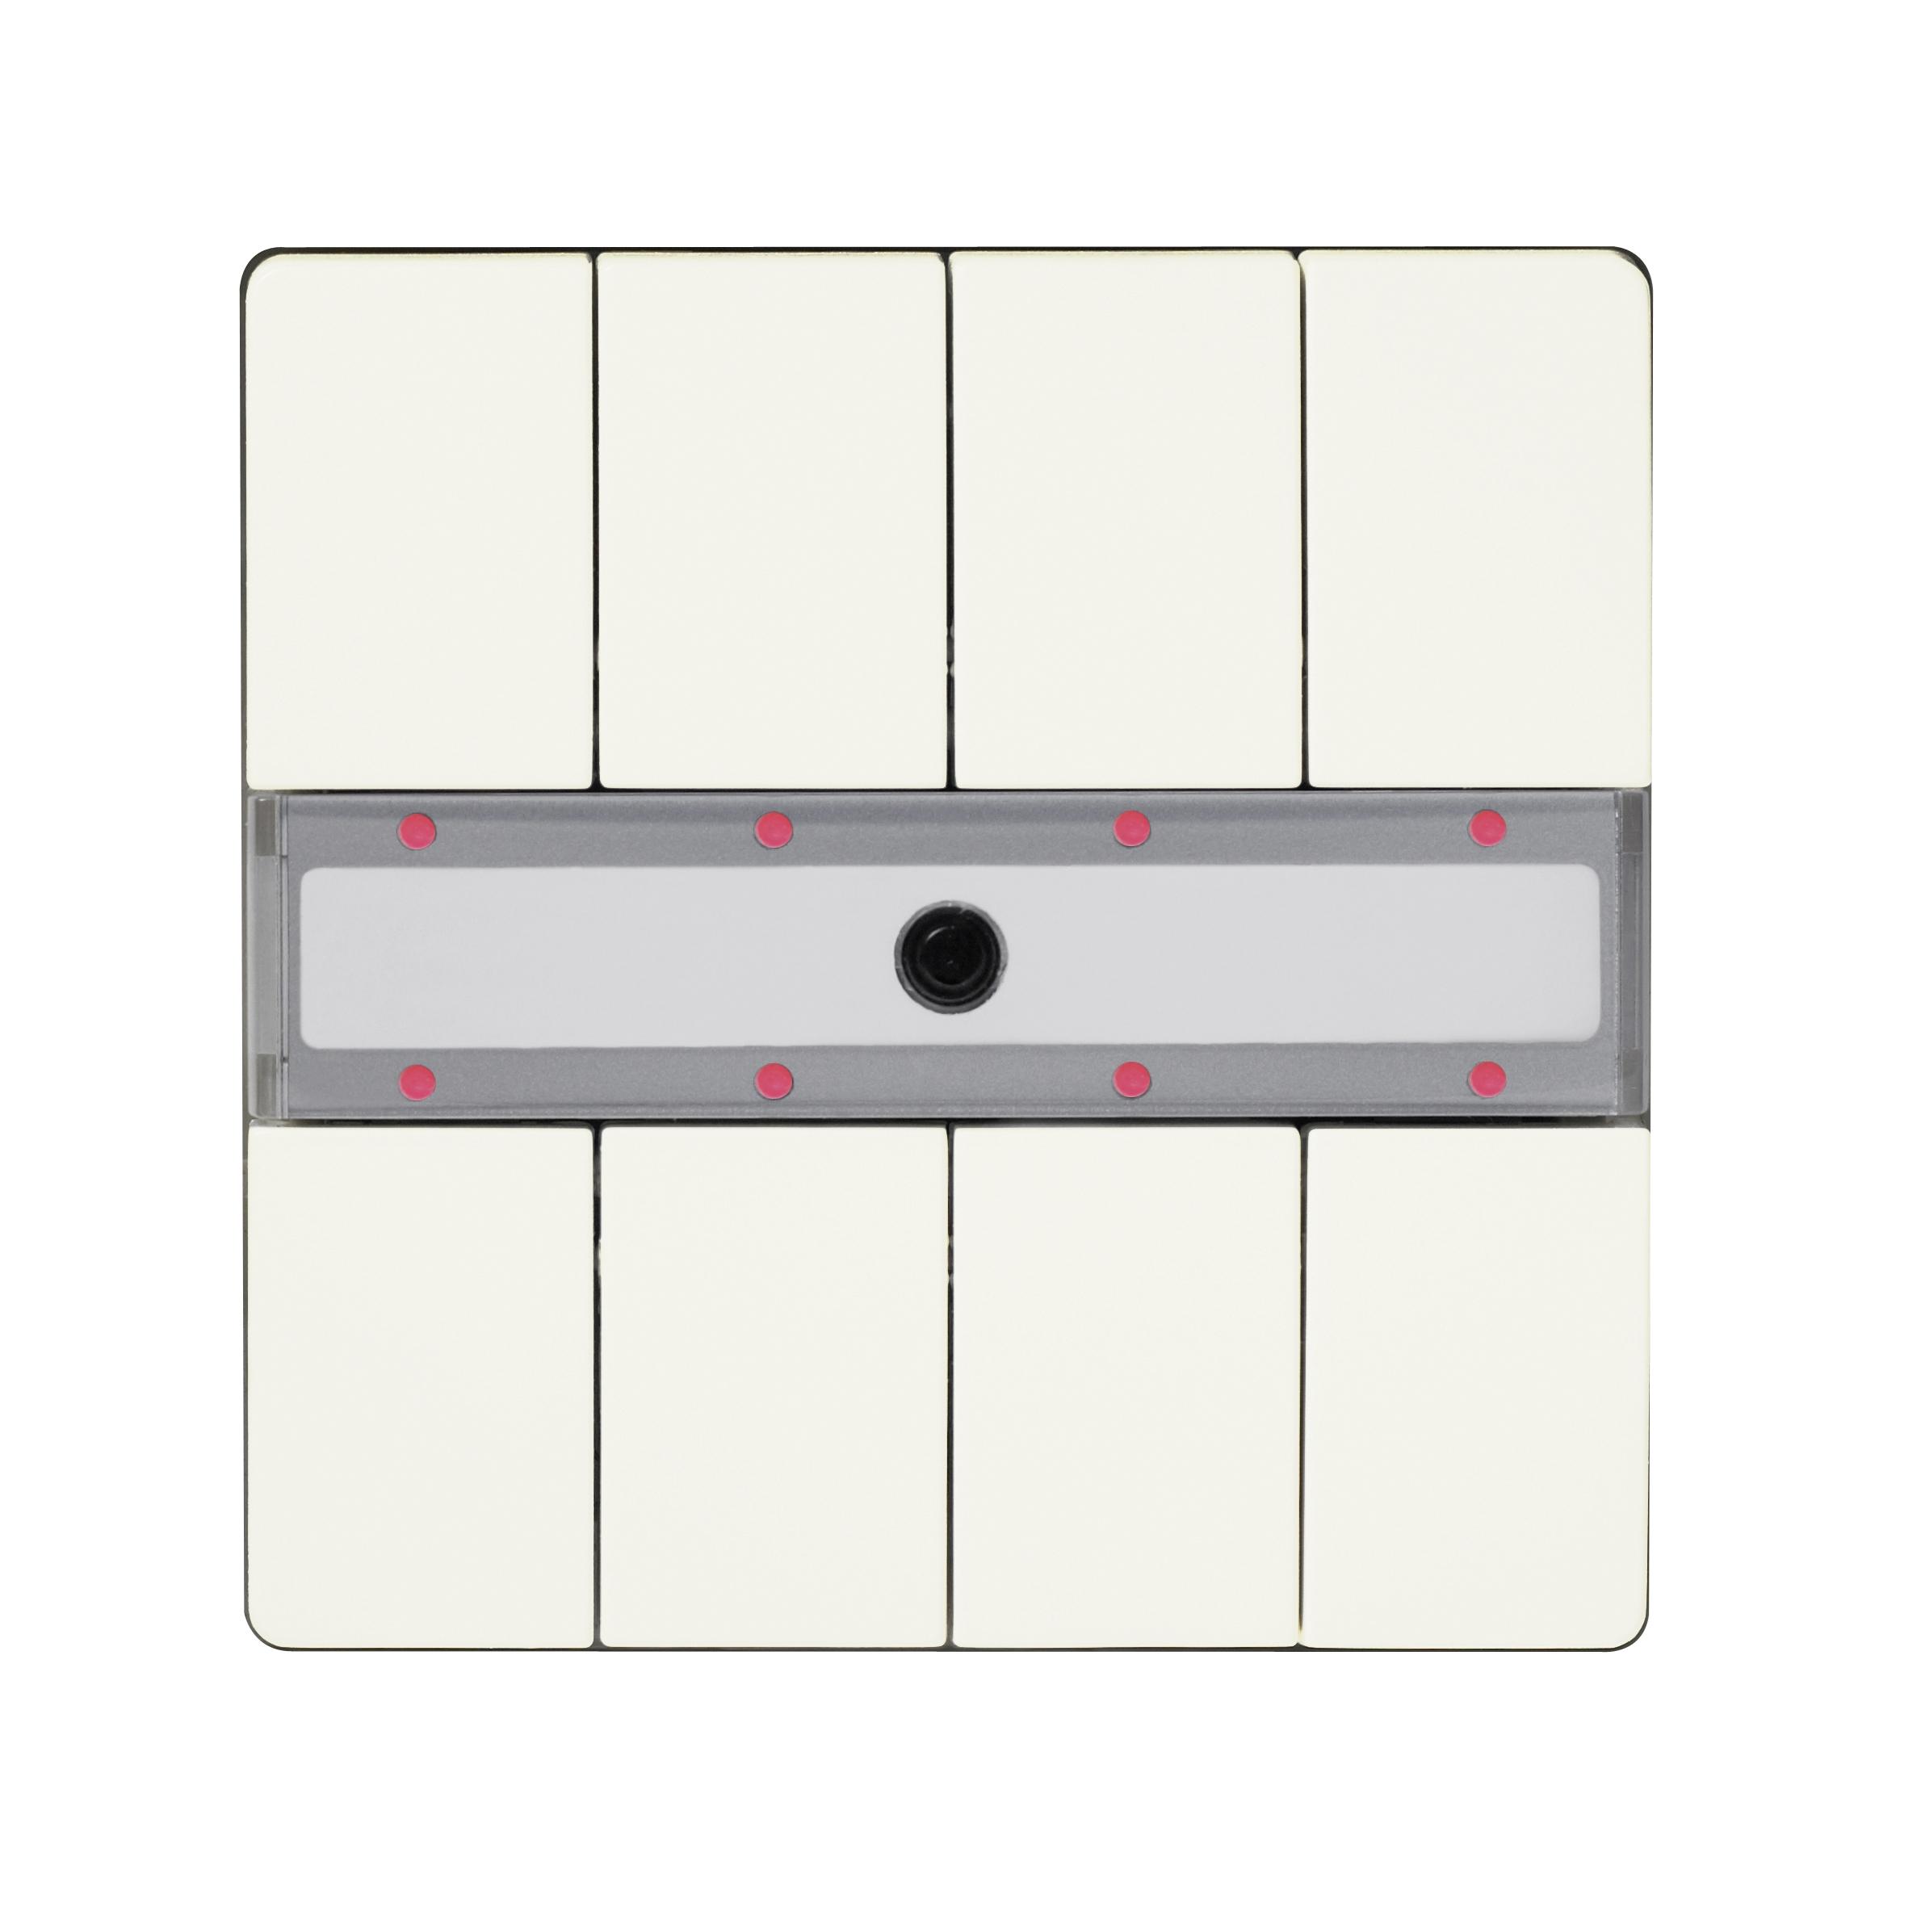 1 Stk Taster 4-fach mit Status-LED, DELTA style, titanweiß KX2872DB15